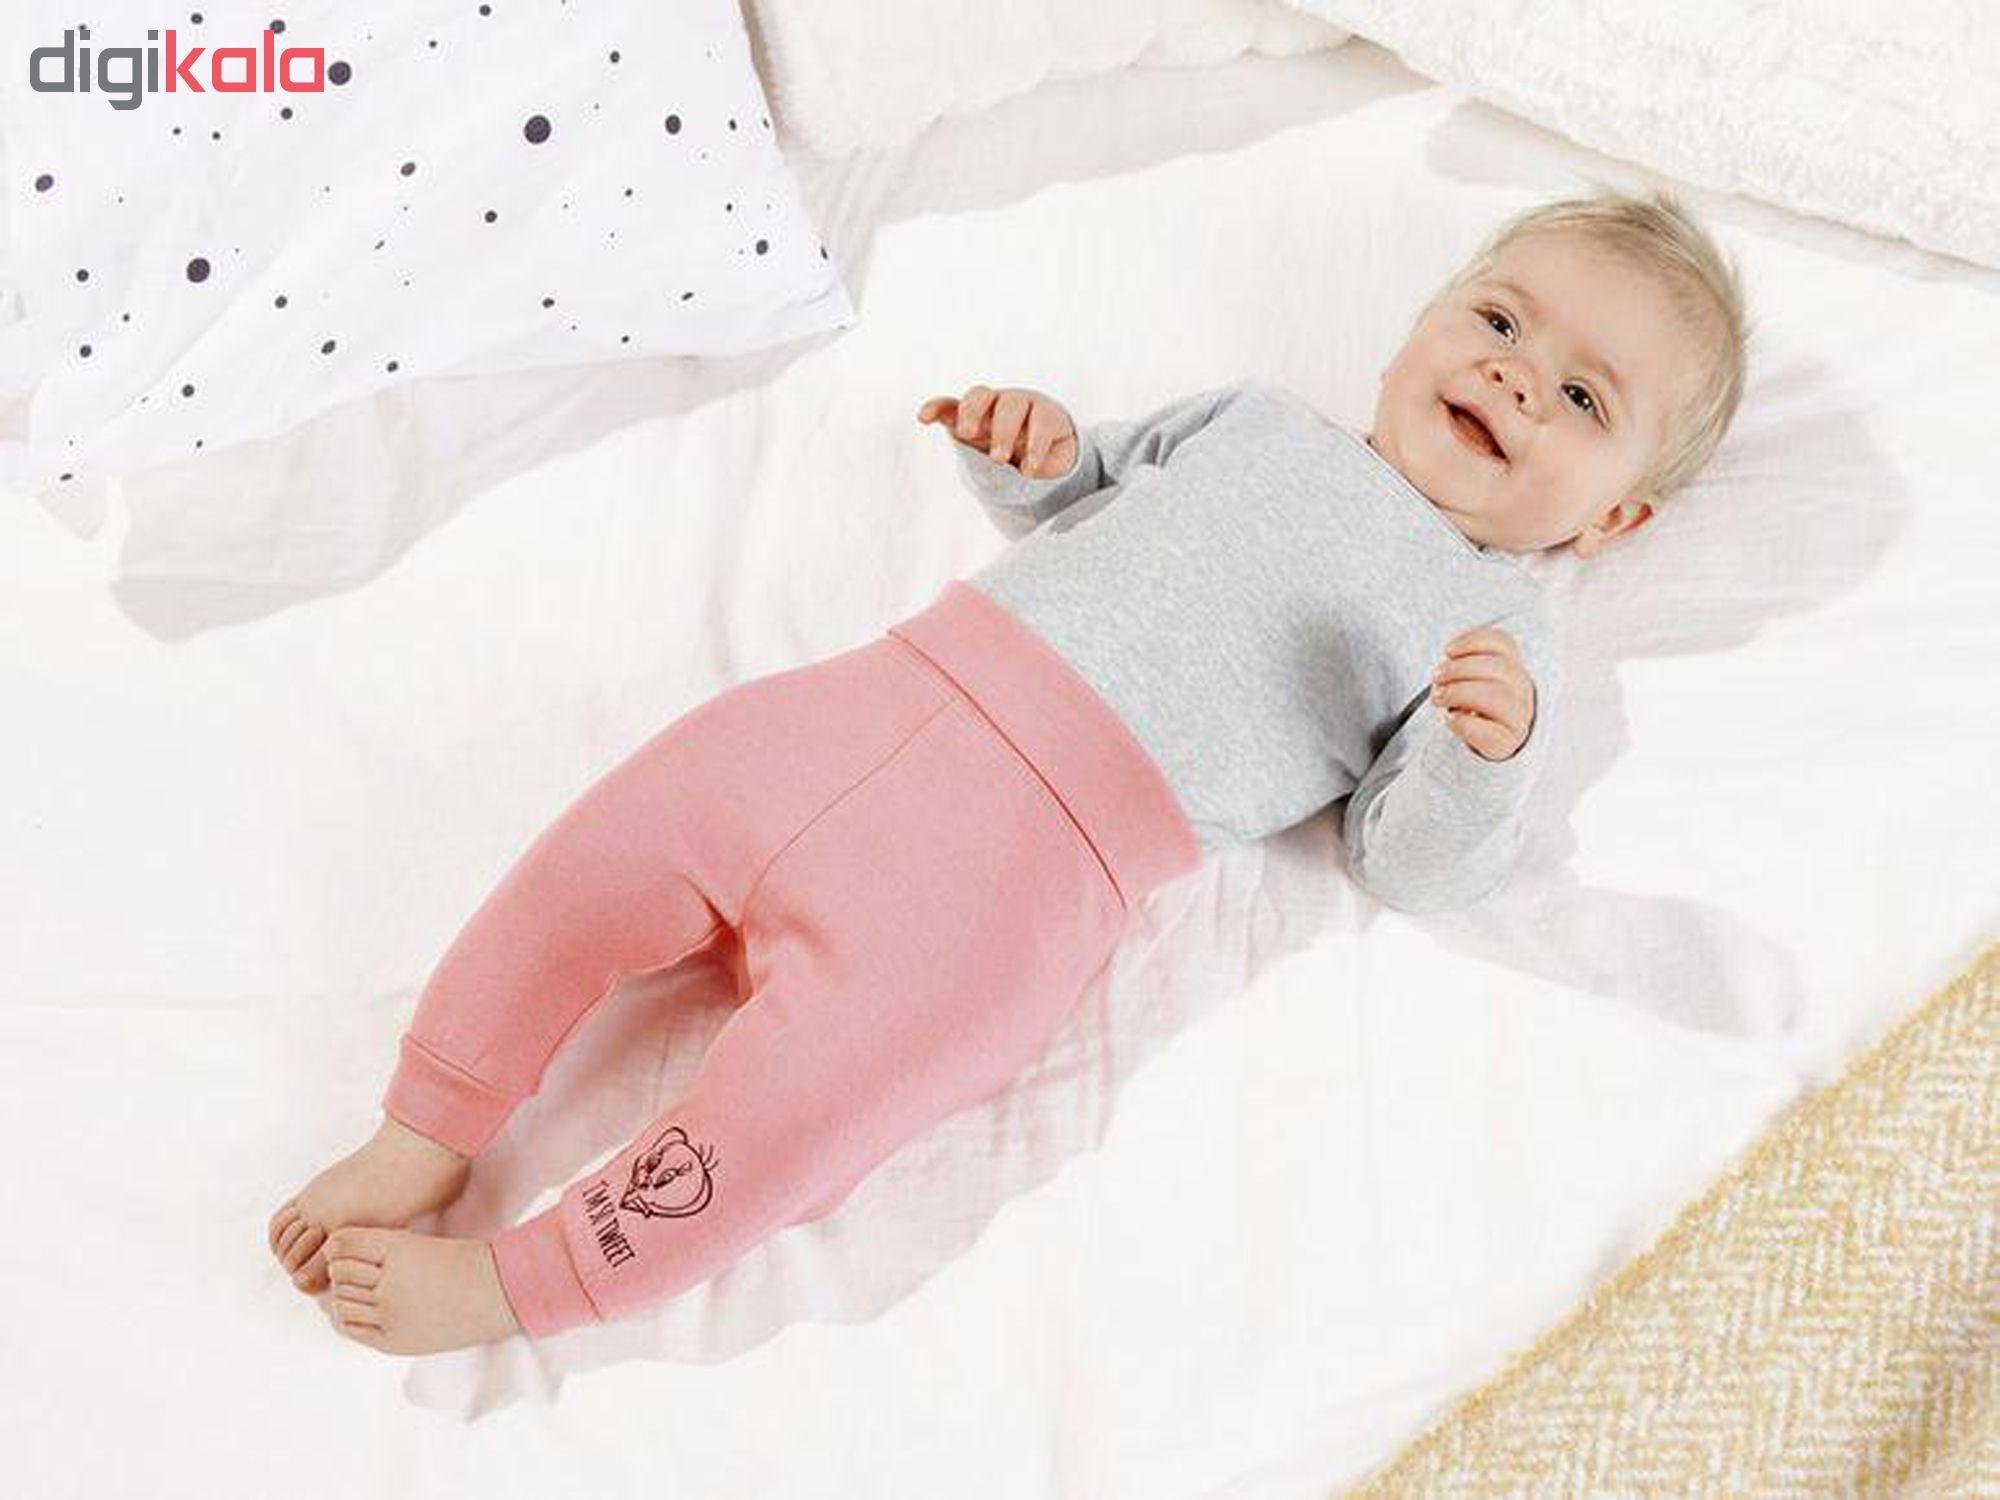 شلوار نوزادی لونی تونز کد 1204 main 1 2